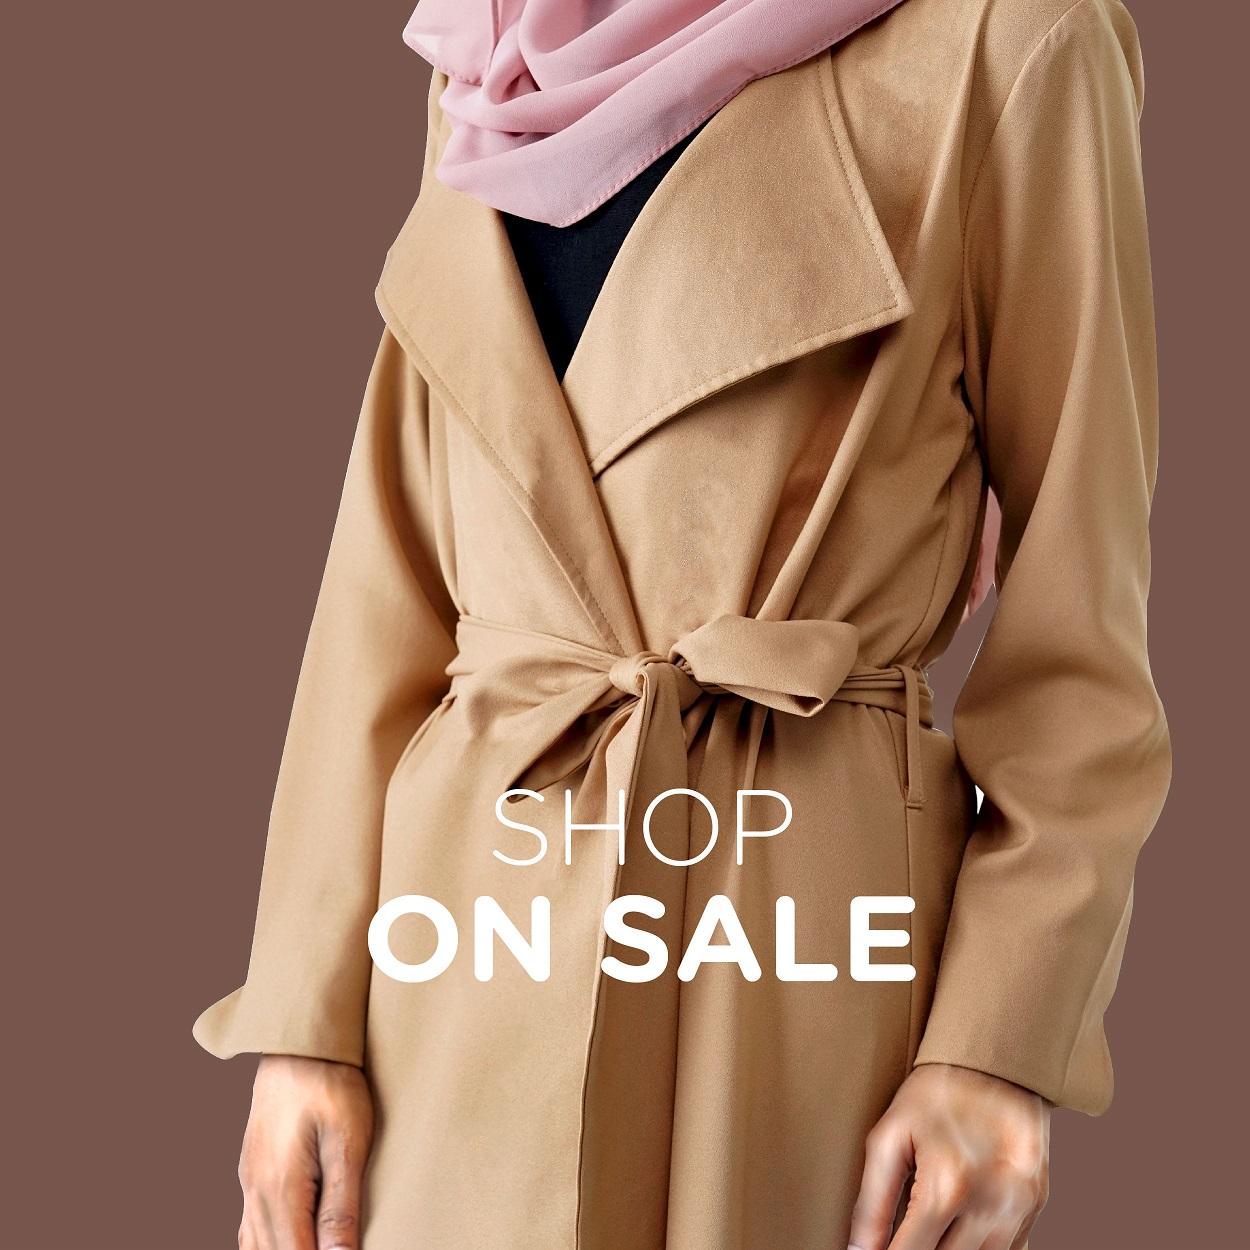 Rasa Sayang Shop On Sale